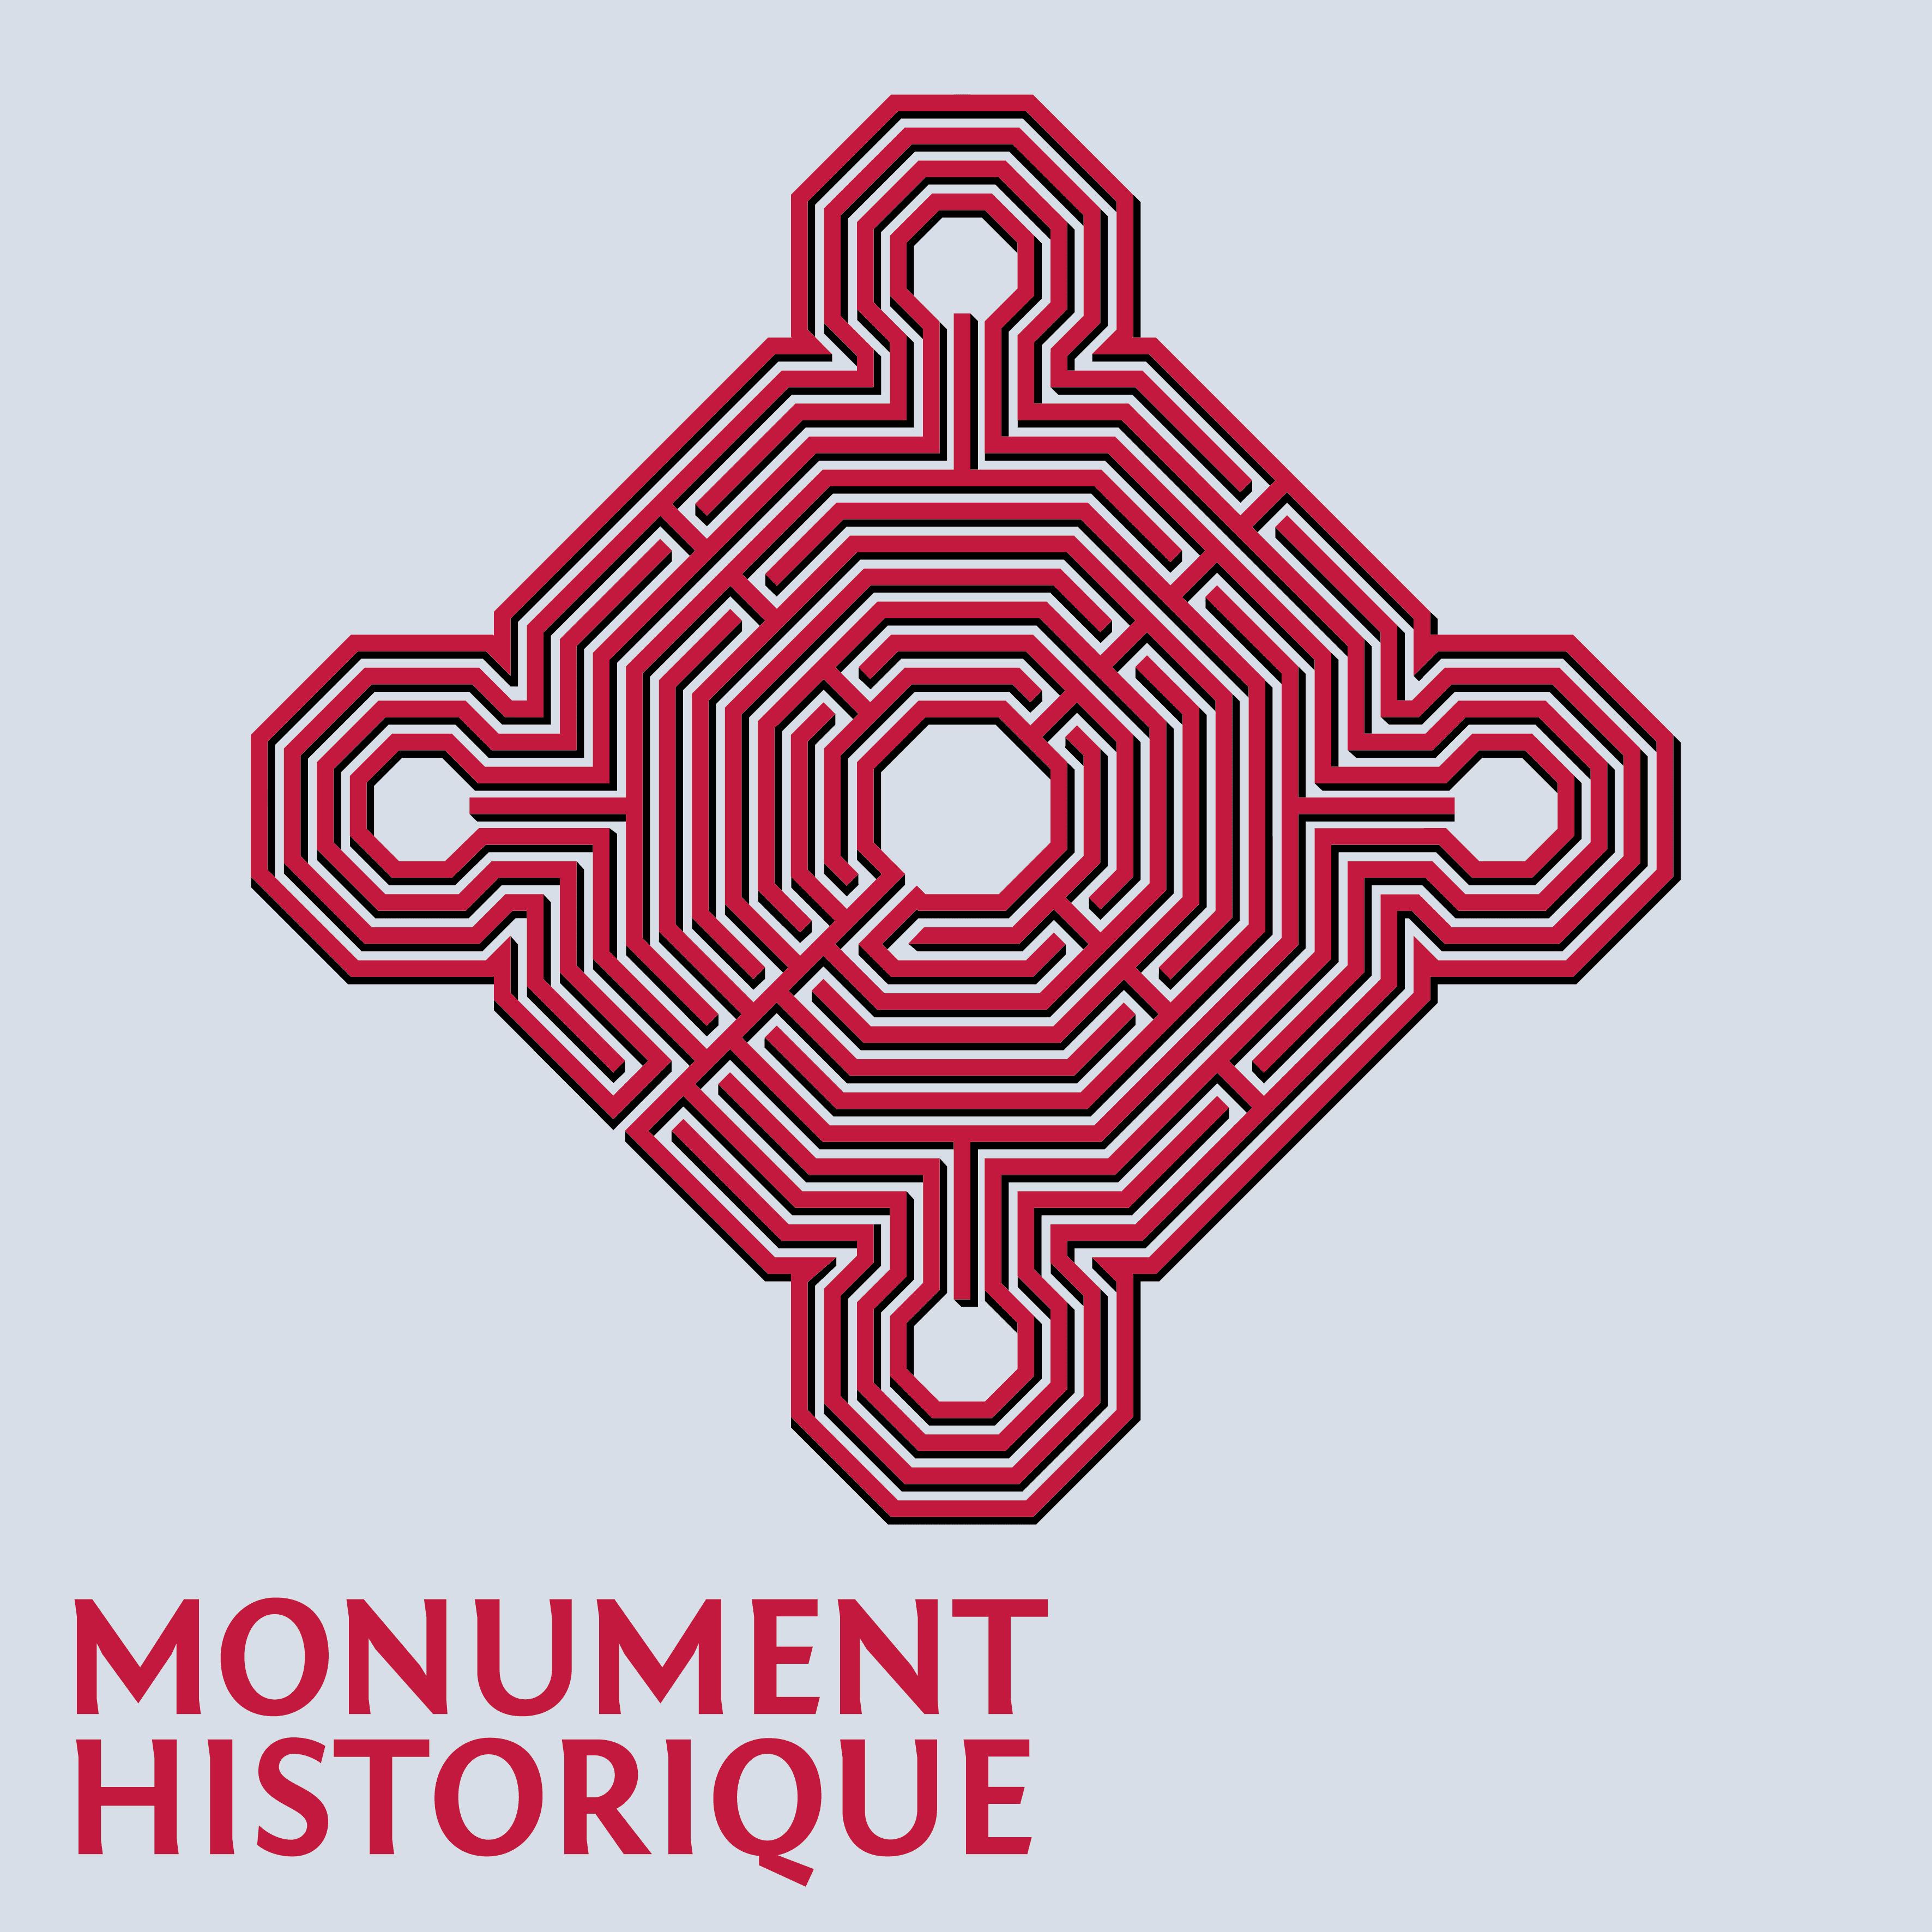 Plaque-Monument-historique-2017.png